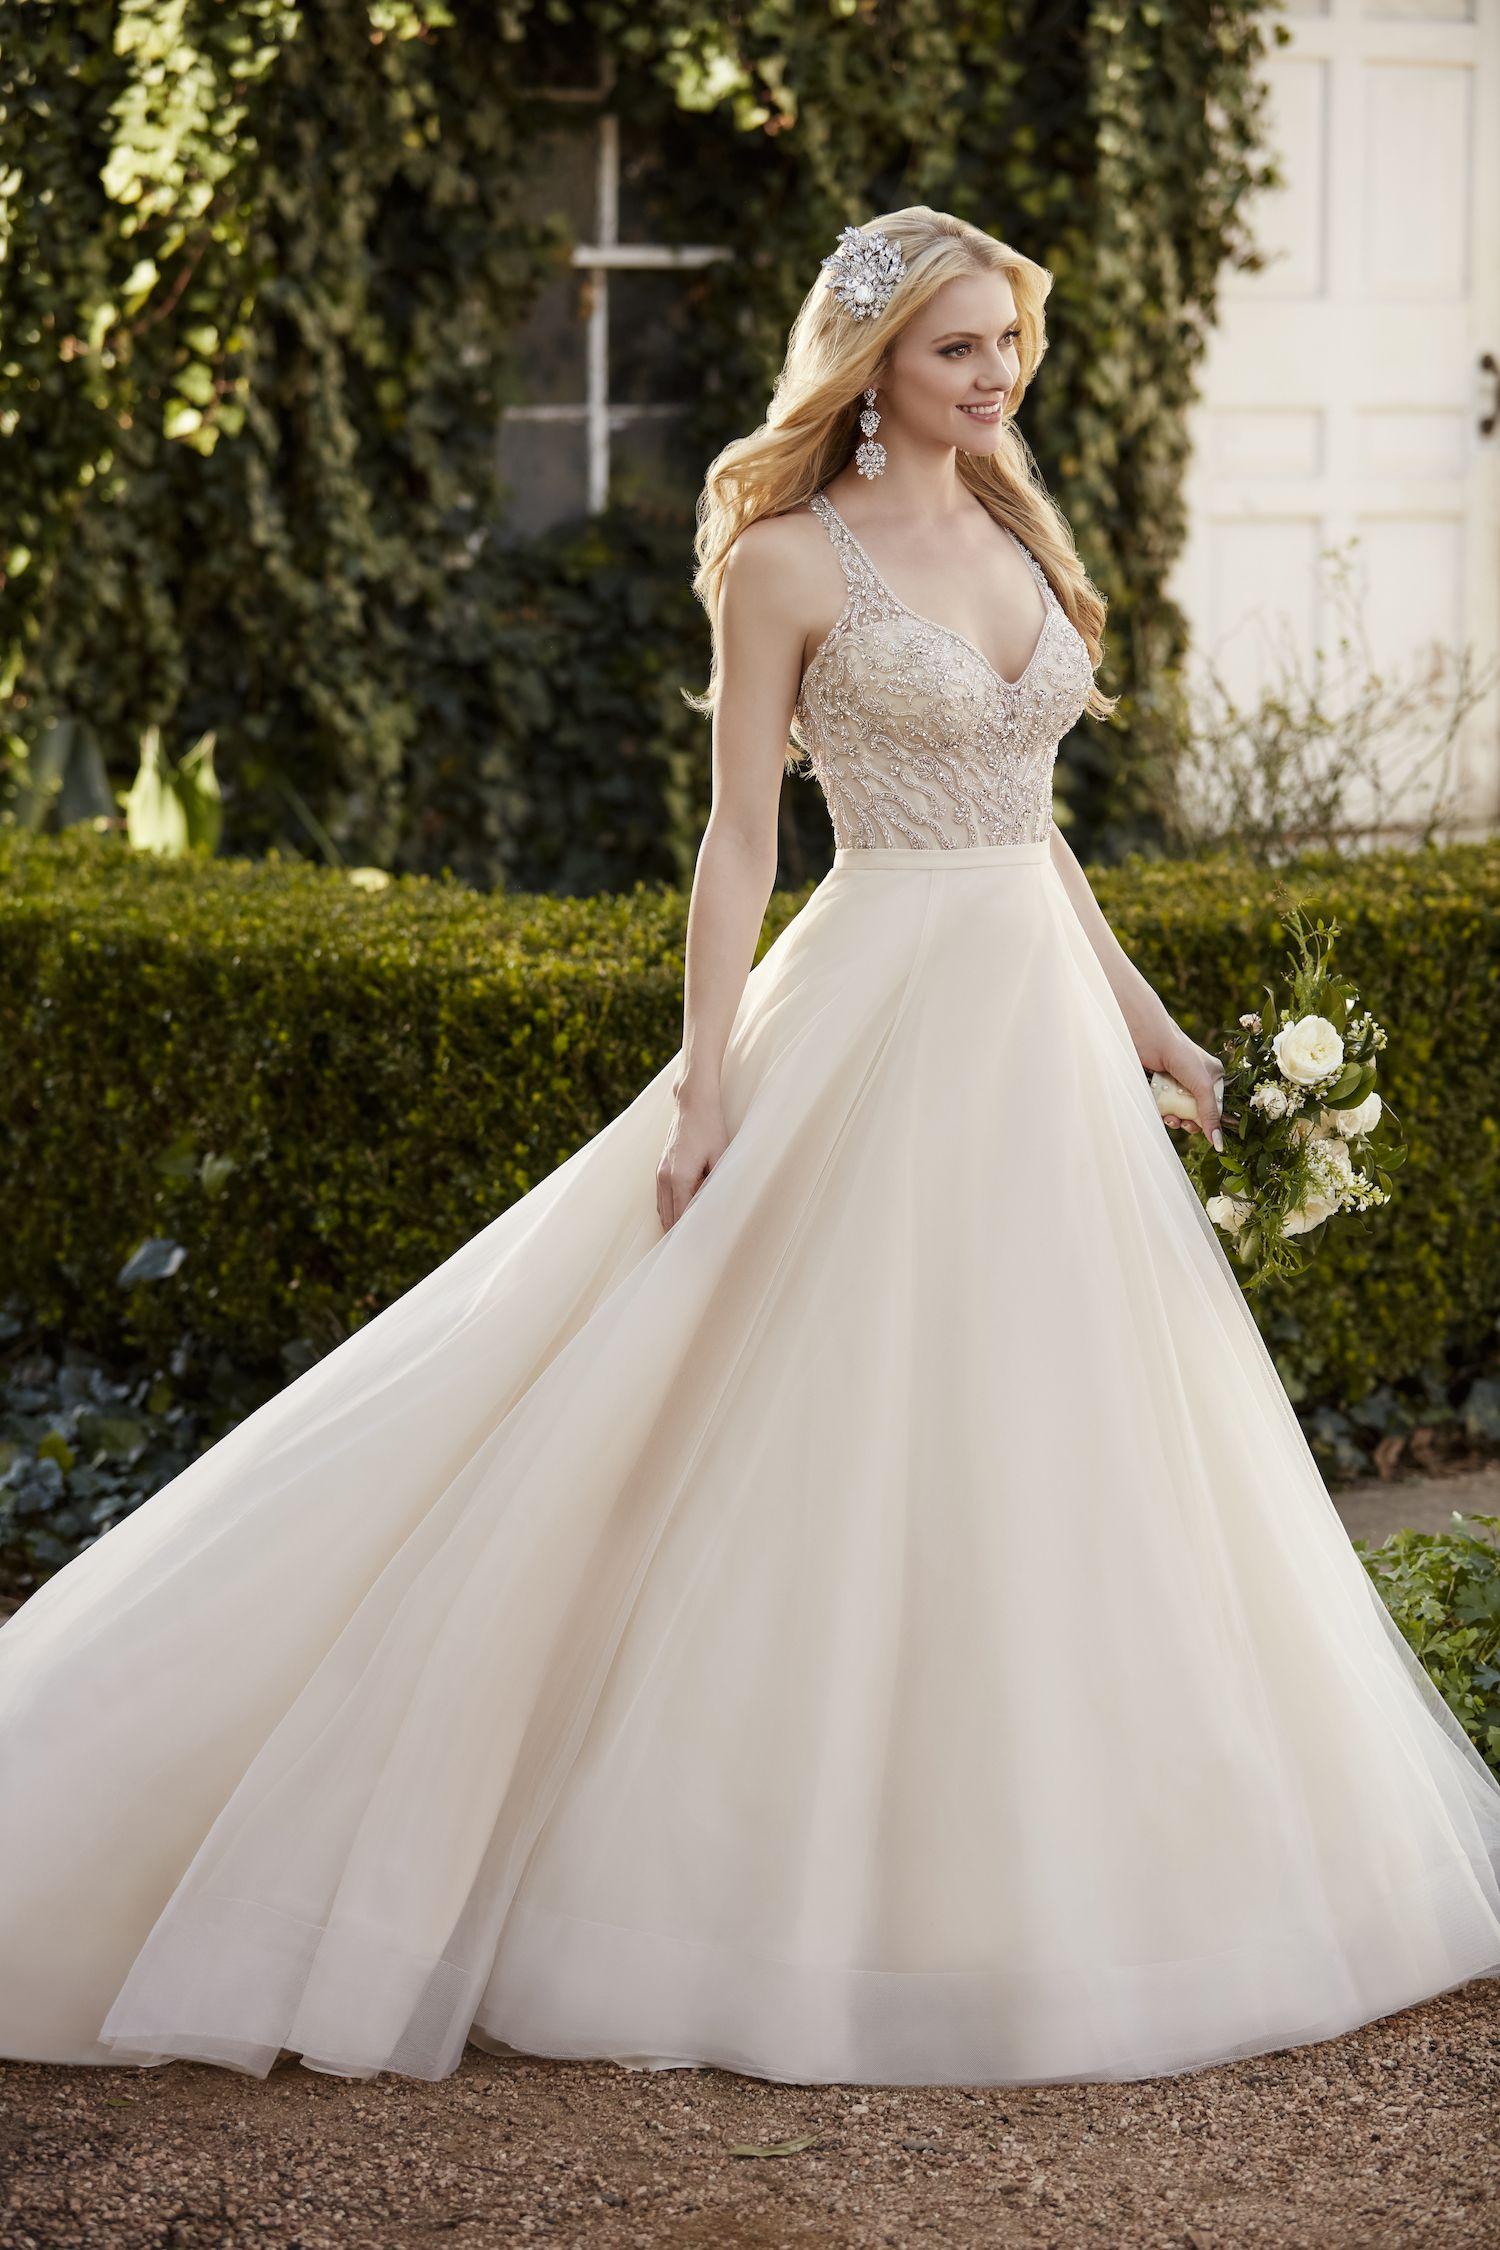 Hochzeitskleider - Bilder-Galerie und Brautkleider-Trends